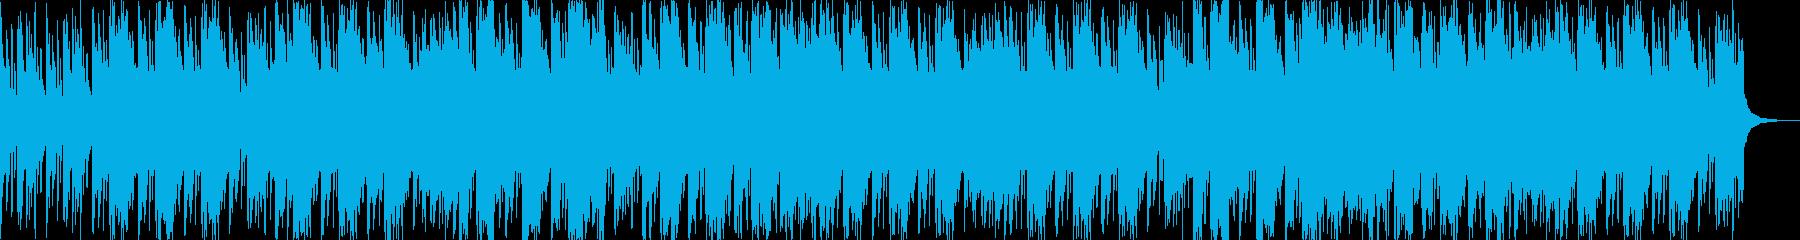 しっとりしたラップ、コーラス入りR&Bの再生済みの波形